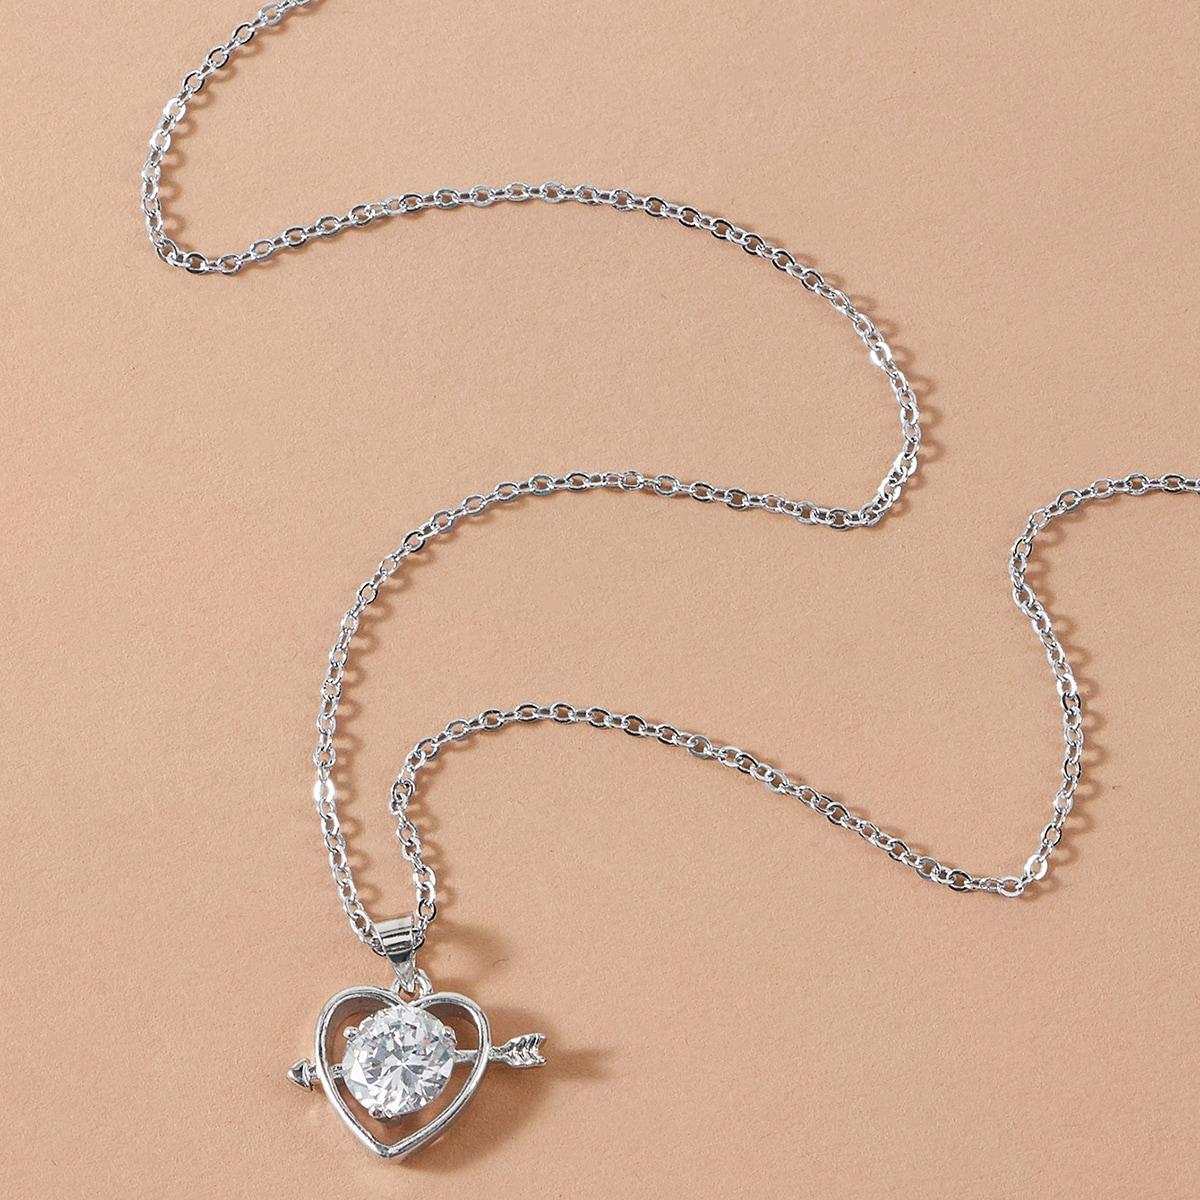 Ожерелье с подвеской сердца 1шт фото